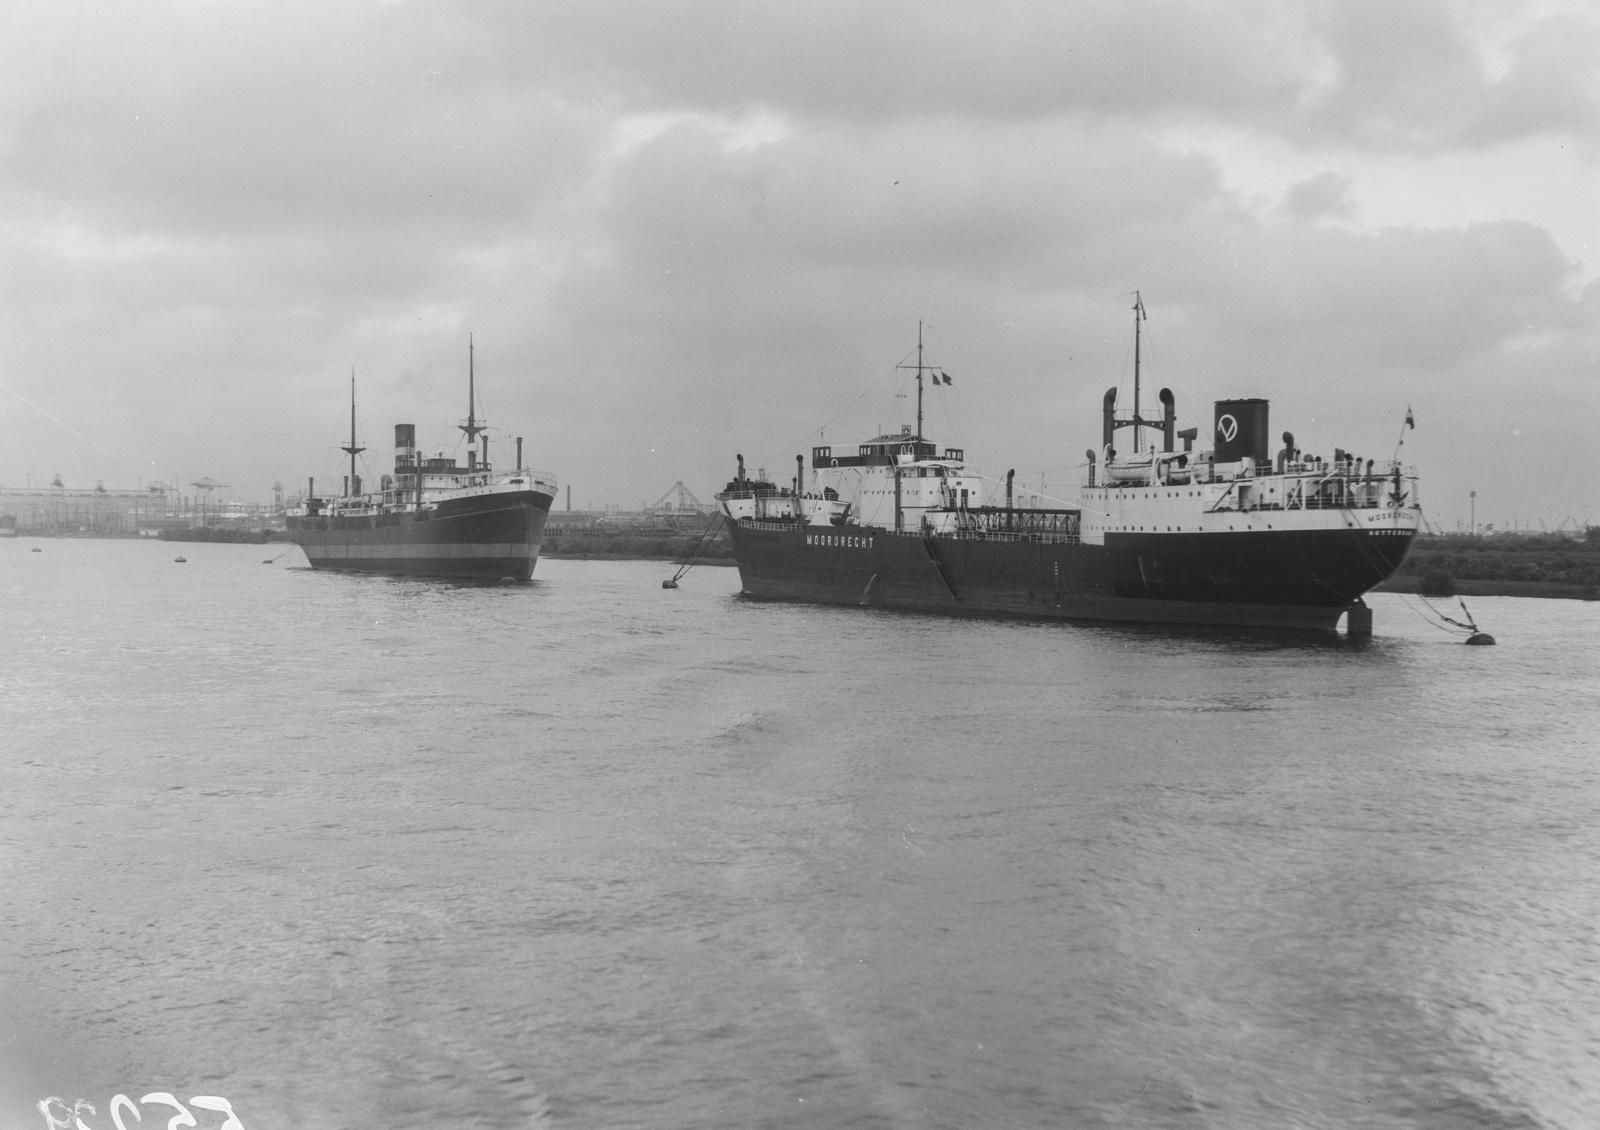 Роттердам. Вид на гавань с двумя пароходами